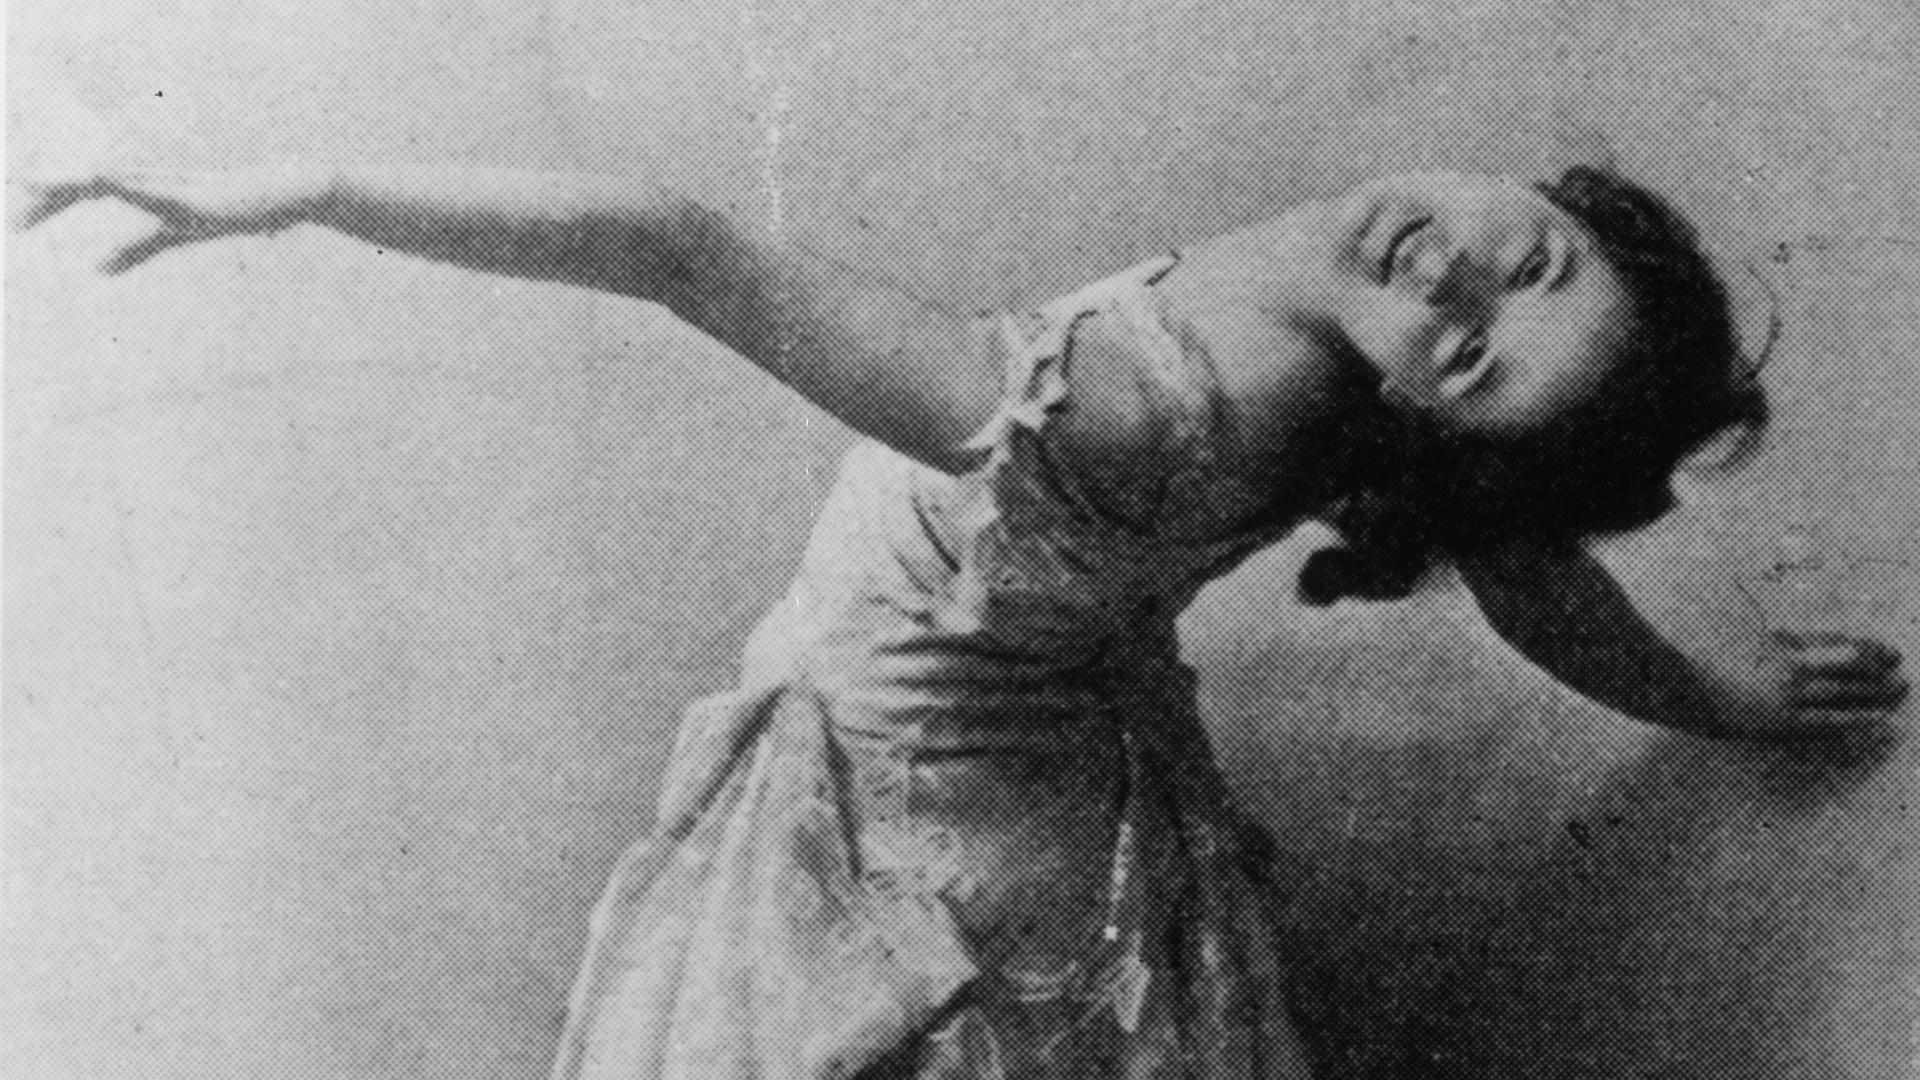 Hogyan lett terhestorna Isadora Duncan forradalmi művészetéből?